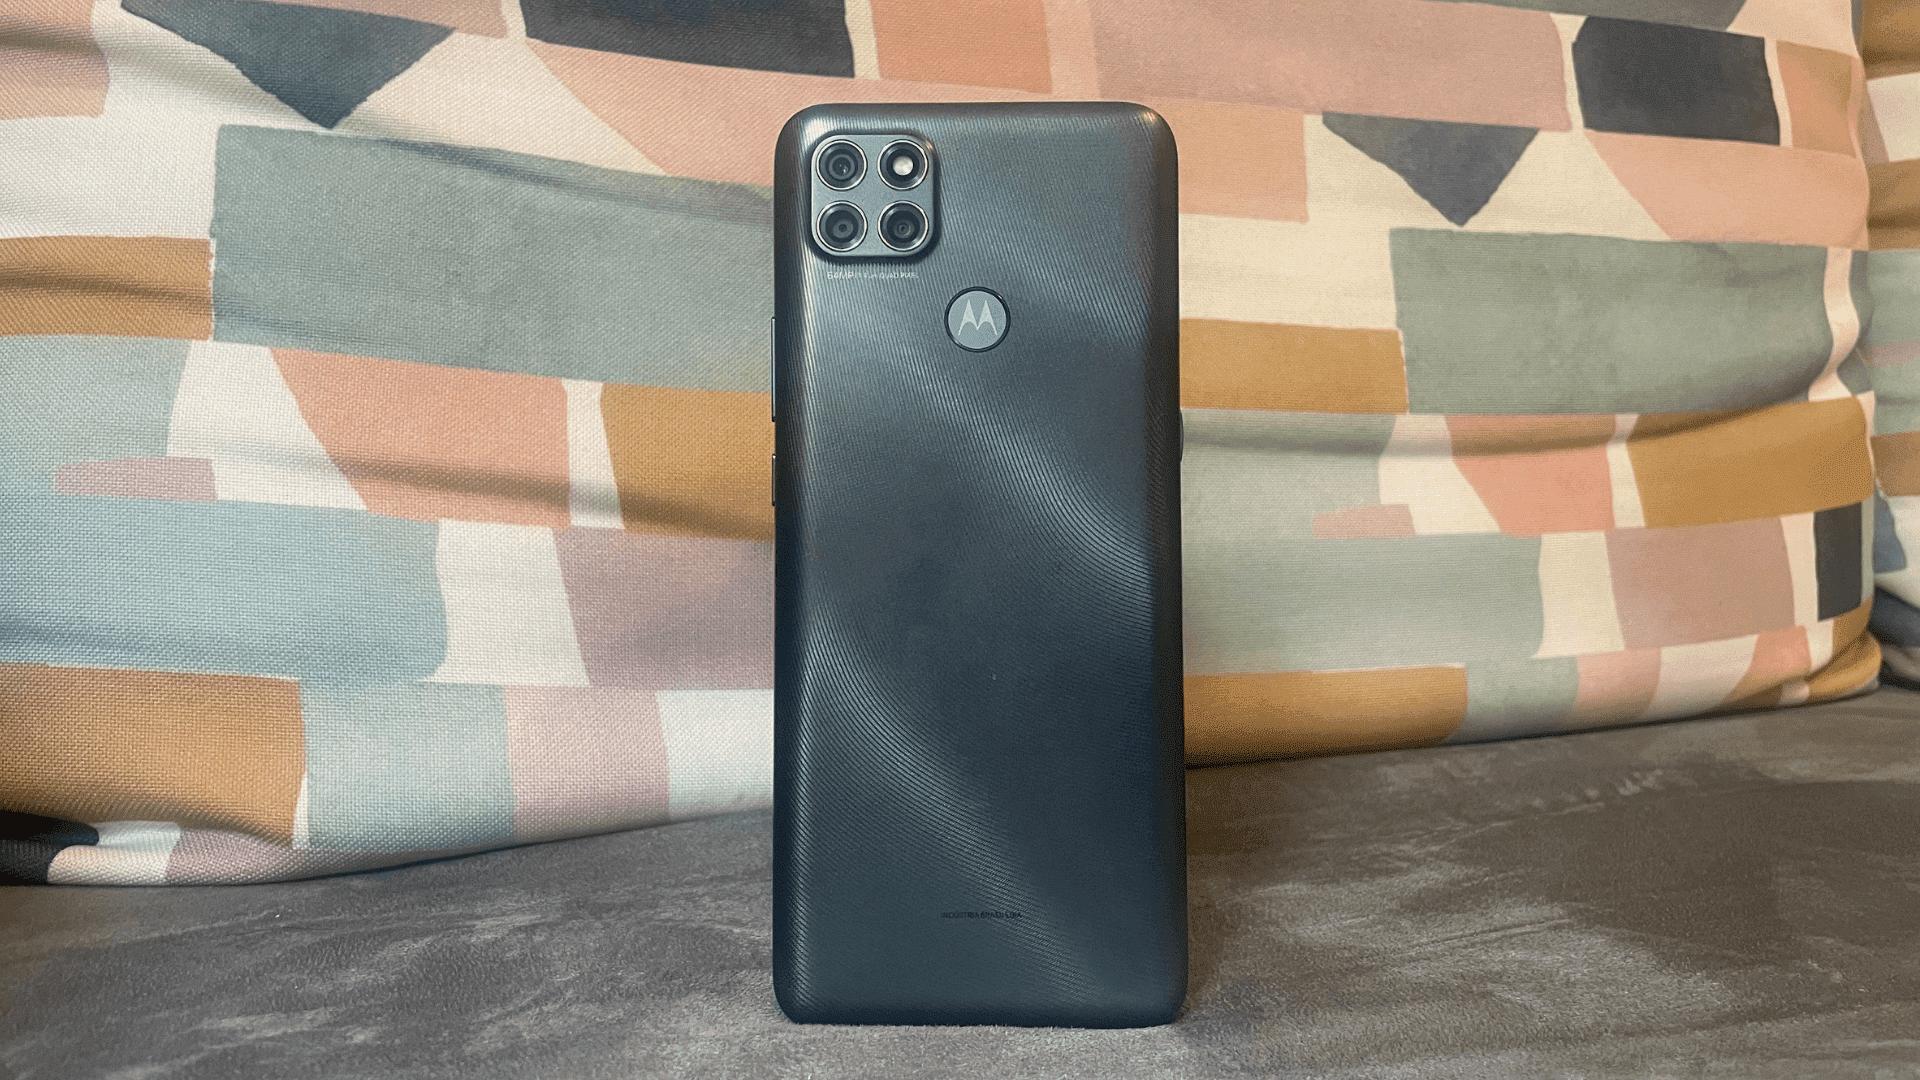 Moto G9 Power: celular da Motorola tem tela grande, mas resolução poderia ser melhor (Foto: Gabriel Fricke / Zoom)